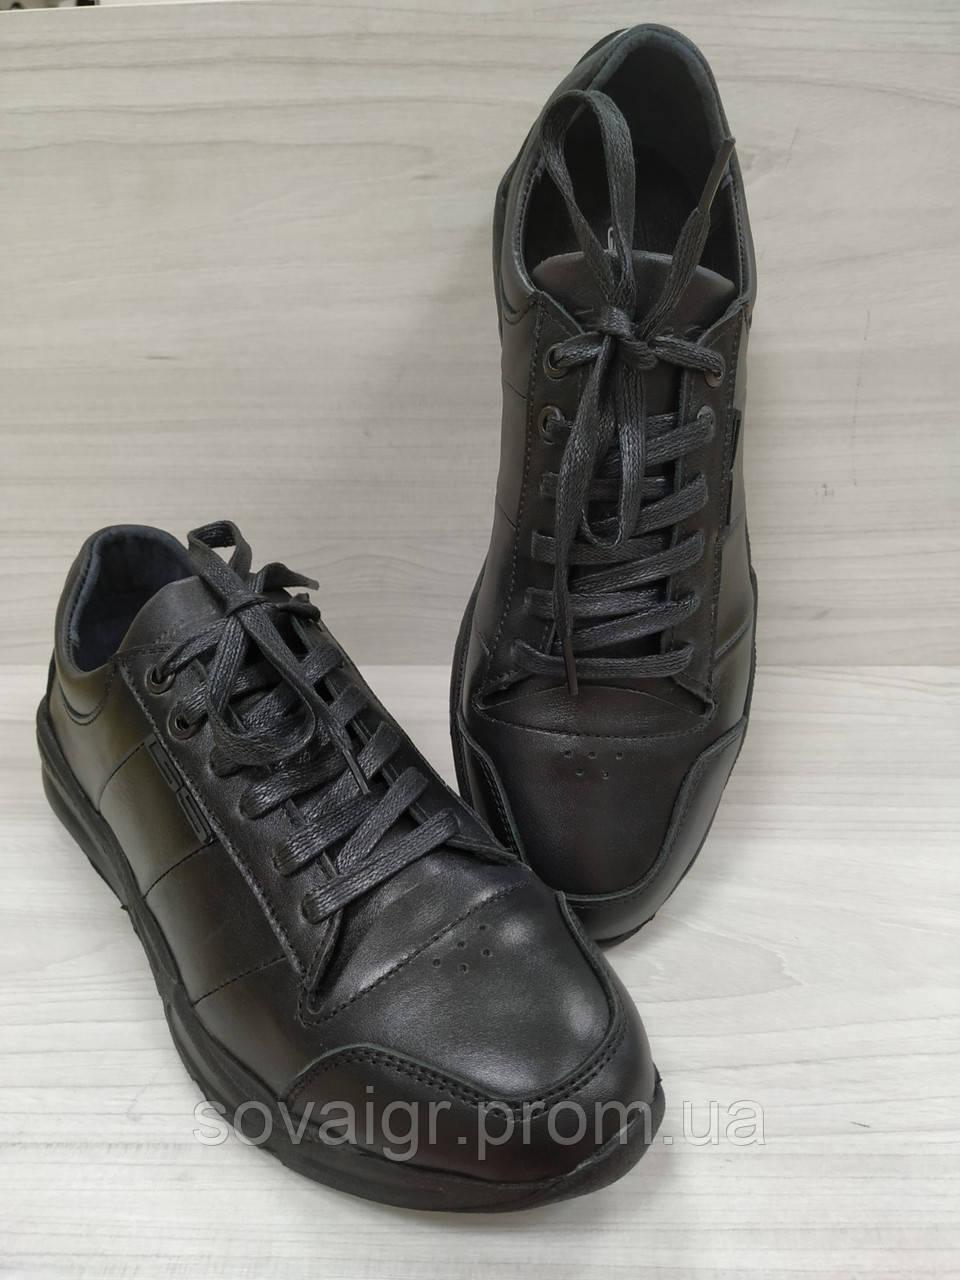 Кроссовки кожаные черные подростковые GS!!! Акция!!! -40%!!!